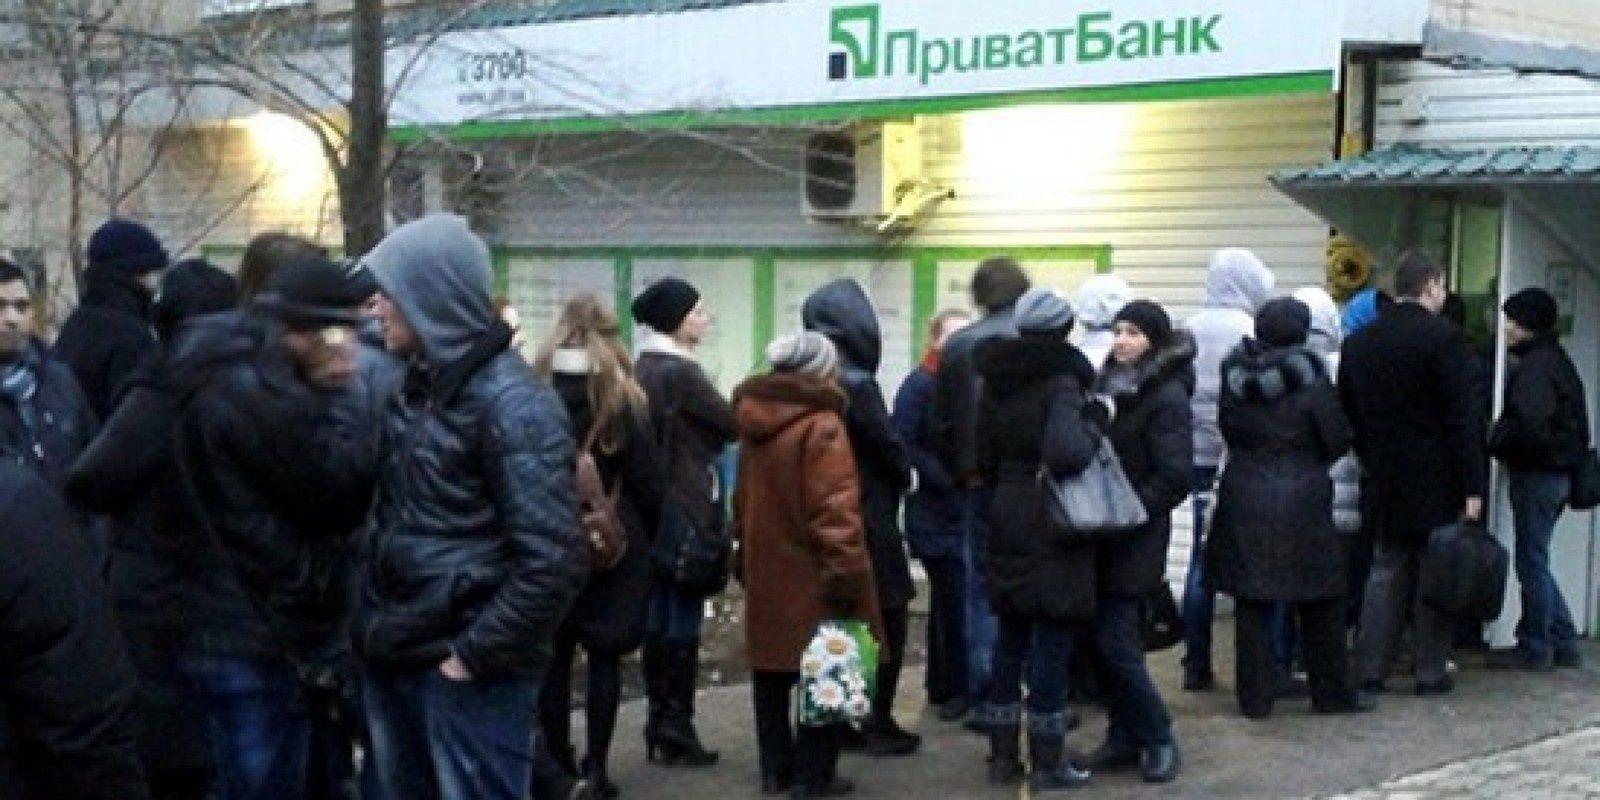 Au bord de la faillite et pressée par le FMI, l'Ukraine est obligée de vendre ses biens publics